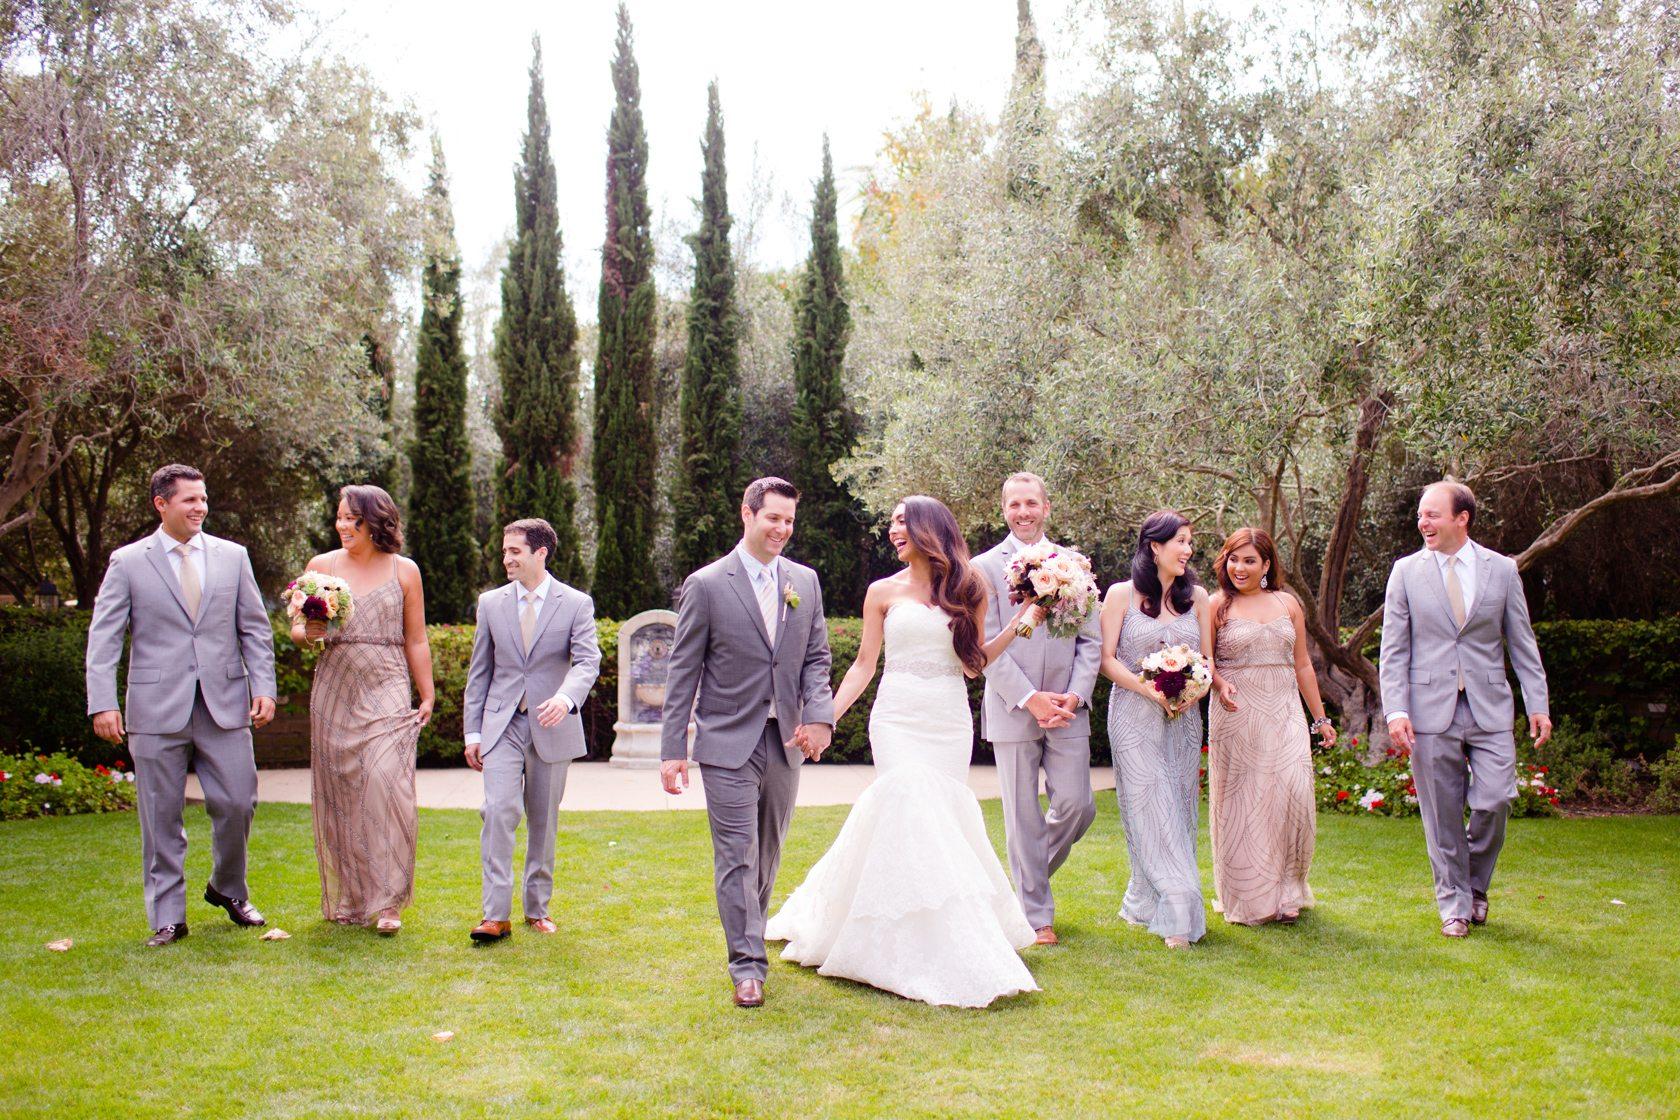 Romantic_Estancia_La_Jolla_Wedding_028.jpg